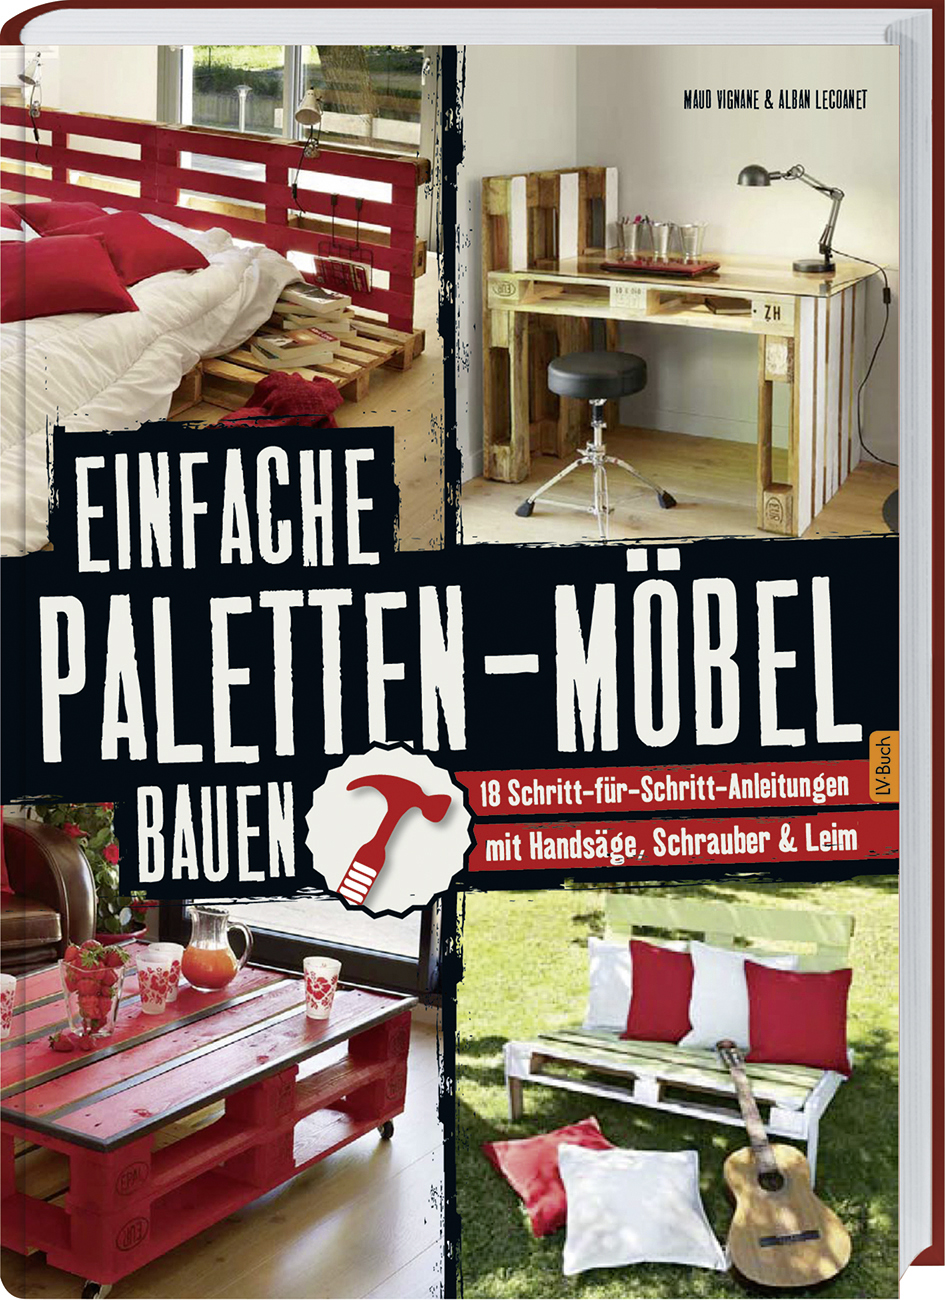 Einfache Paletten-Möbel bauen: 18 Schritt-für-Schritt-Anleitungen mit Handsäge, Schrauber & Leim - Maud Vignane